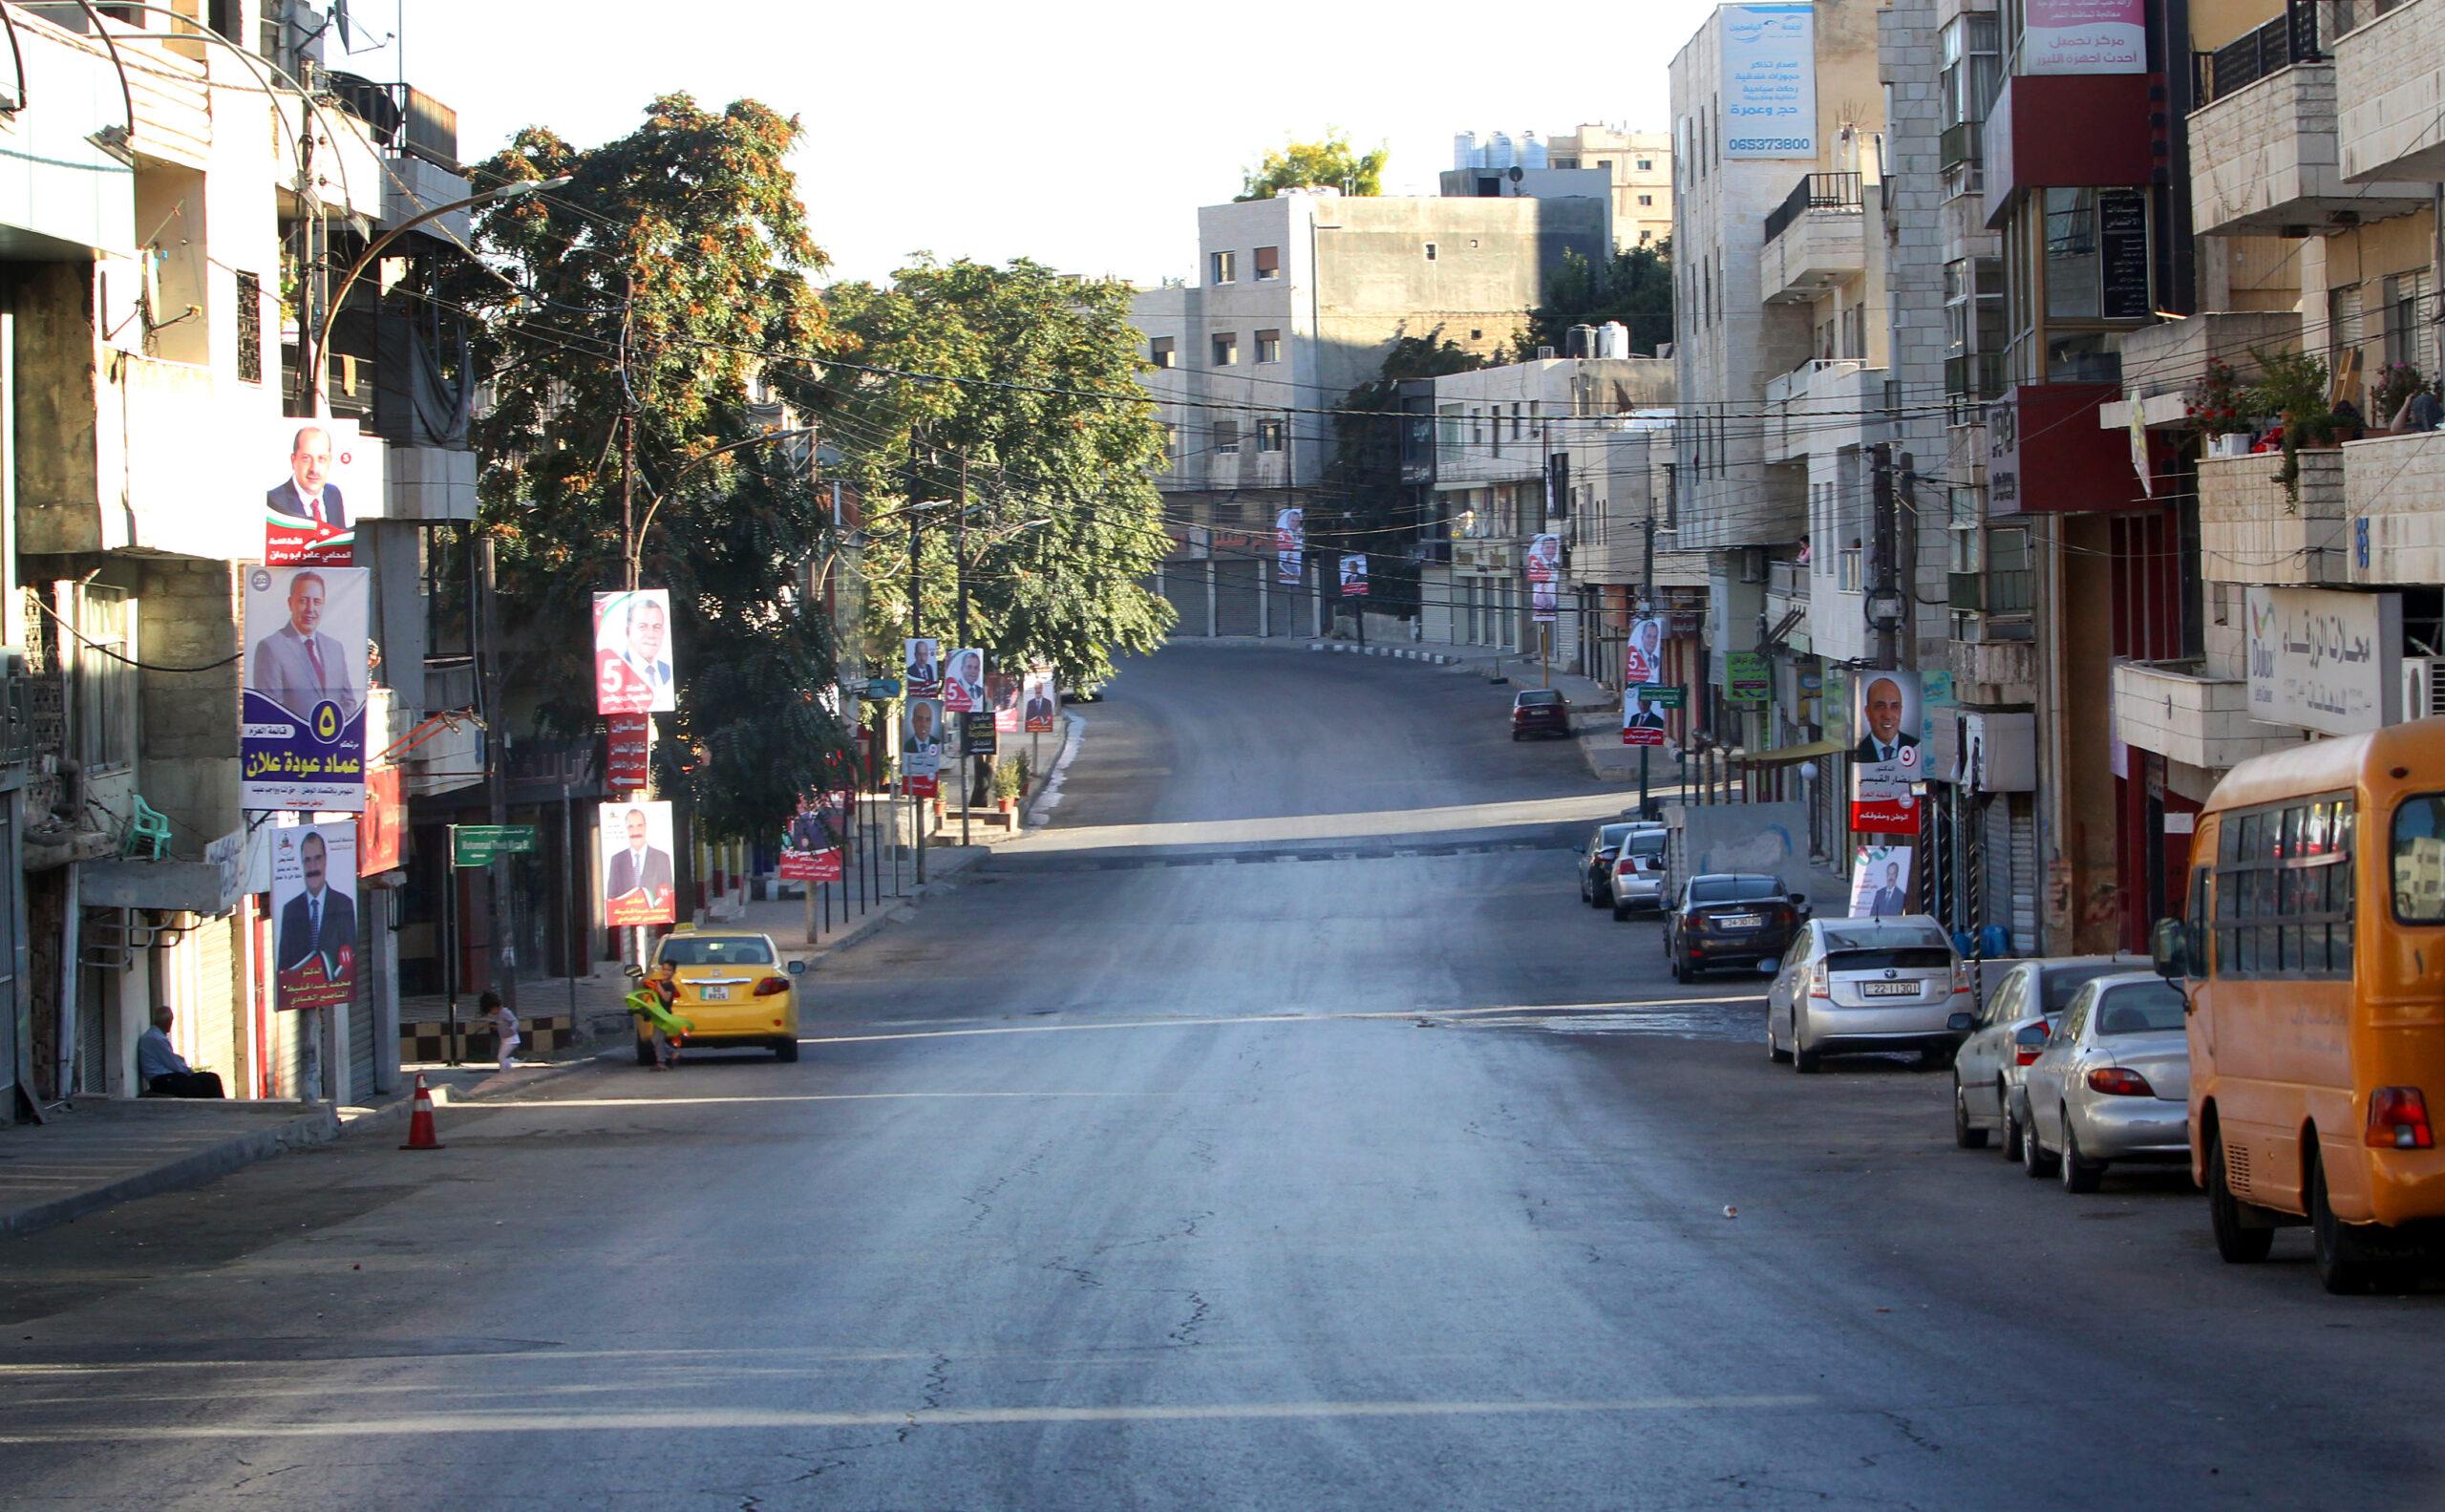 أحد شوارع عمان خلال الحظر - (تصوير: ساهر قدارة)